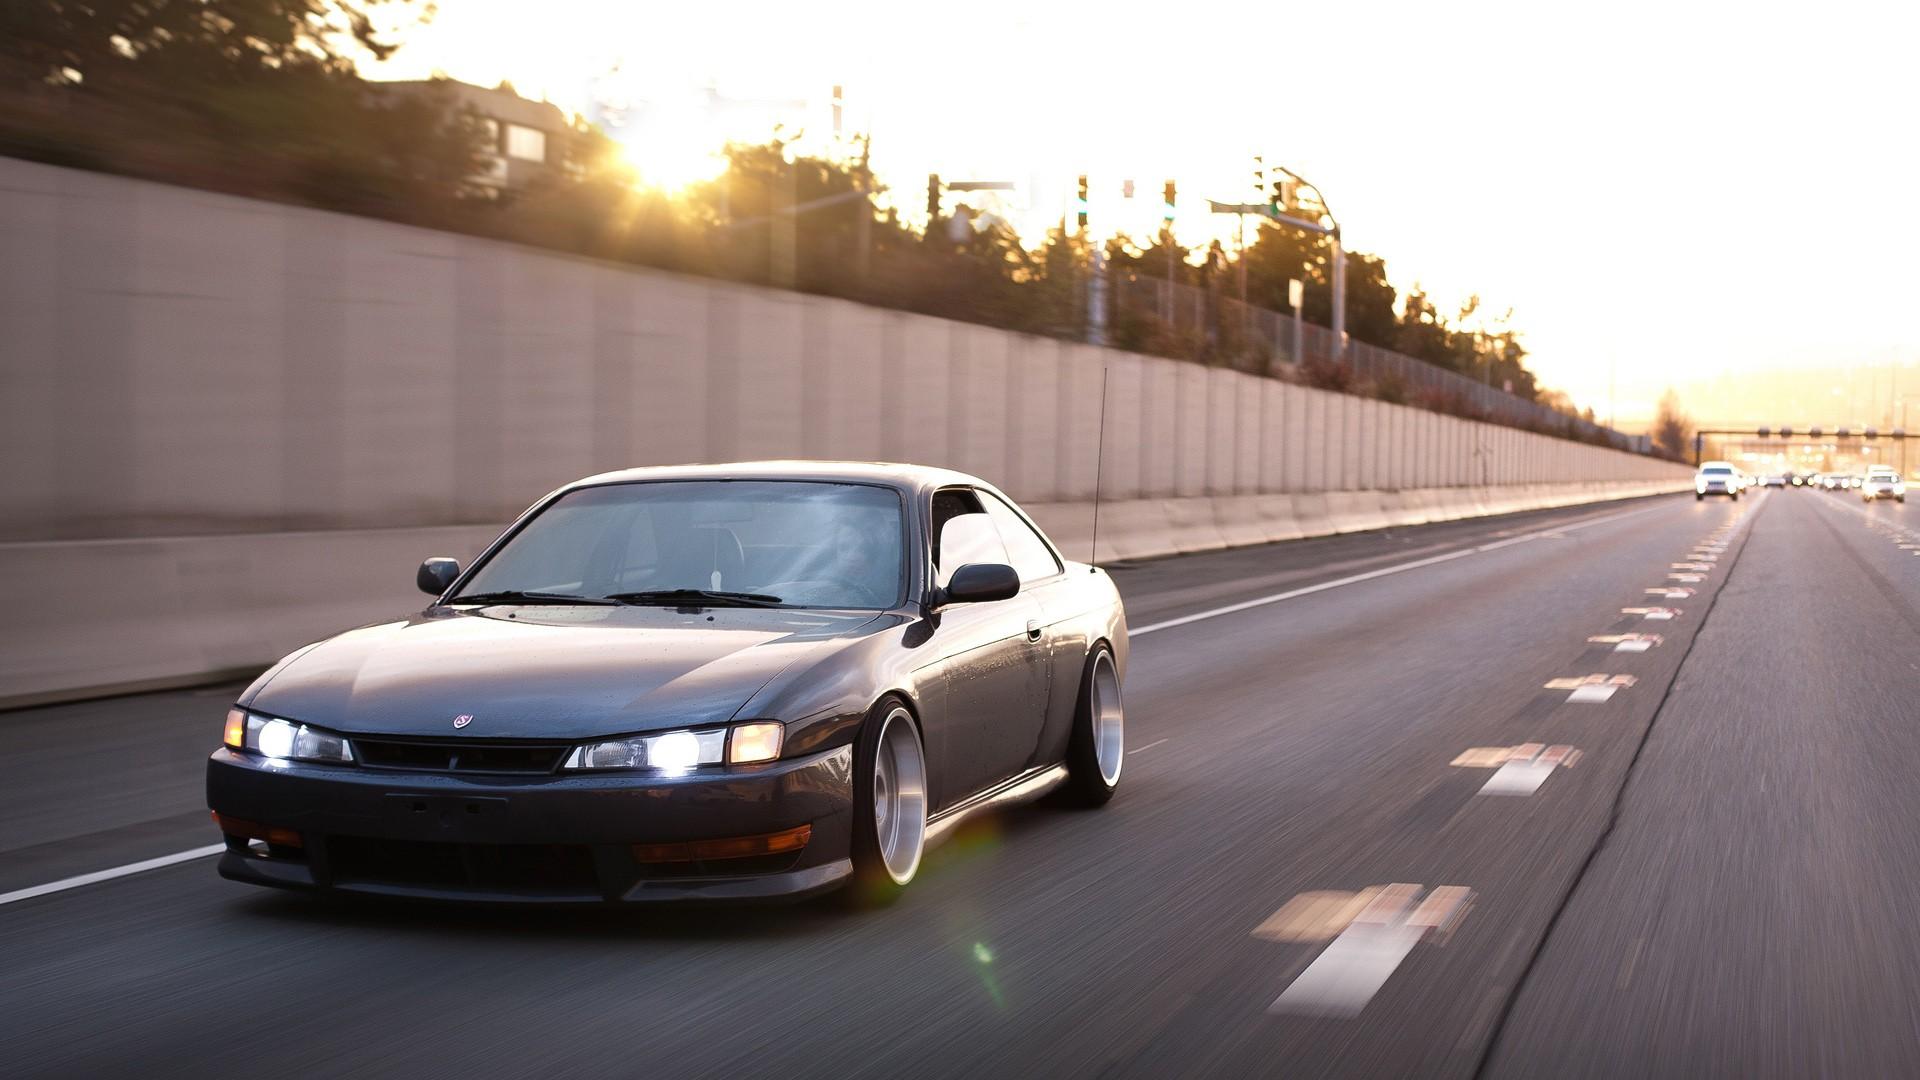 Nissan Silvia S14 Drift Tuned 1920x1080 Download Hd Wallpaper Wallpapertip